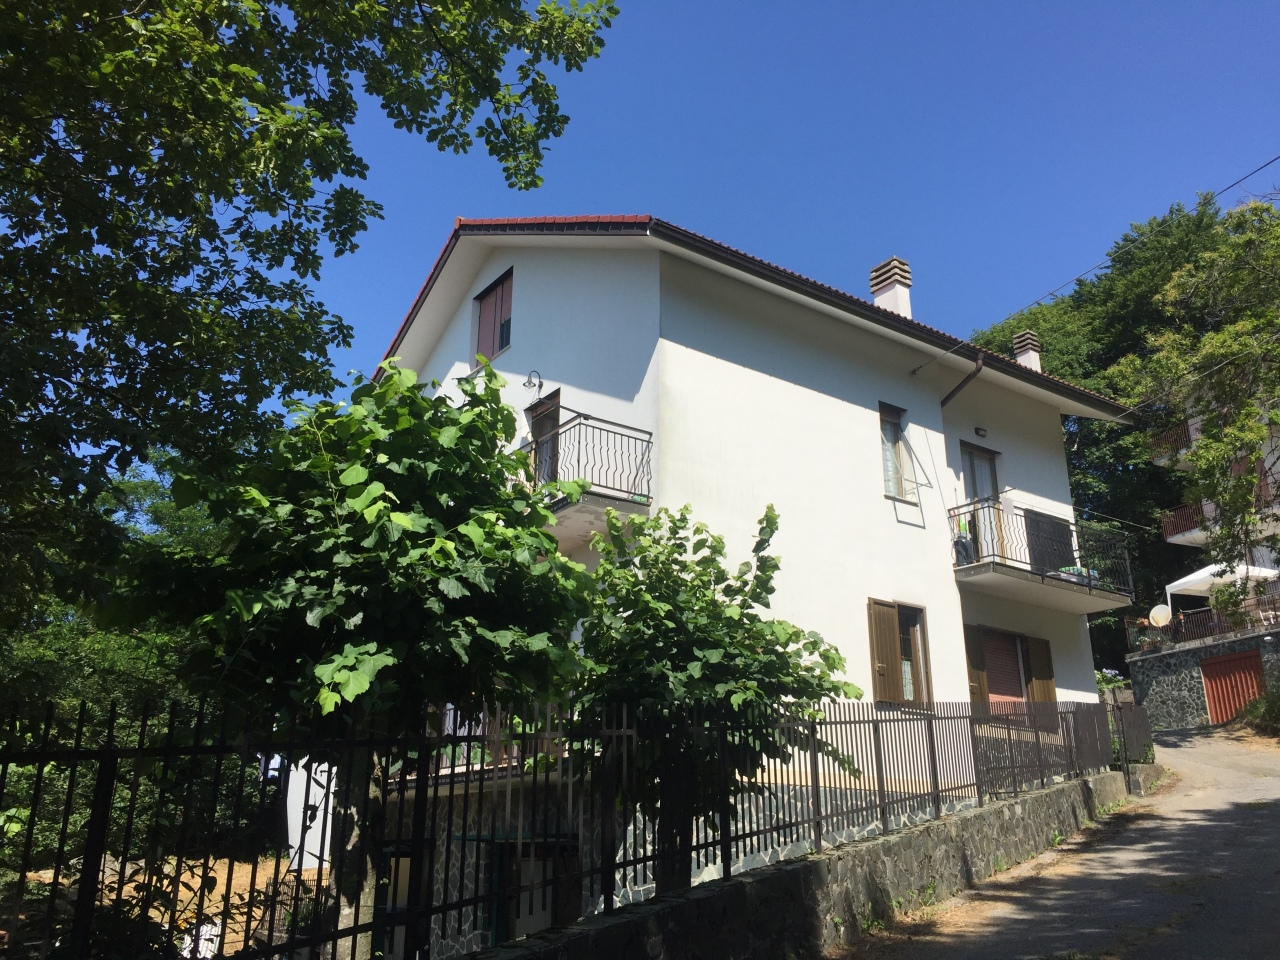 Appartamento in vendita a Urbe, 5 locali, prezzo € 50.000 | PortaleAgenzieImmobiliari.it